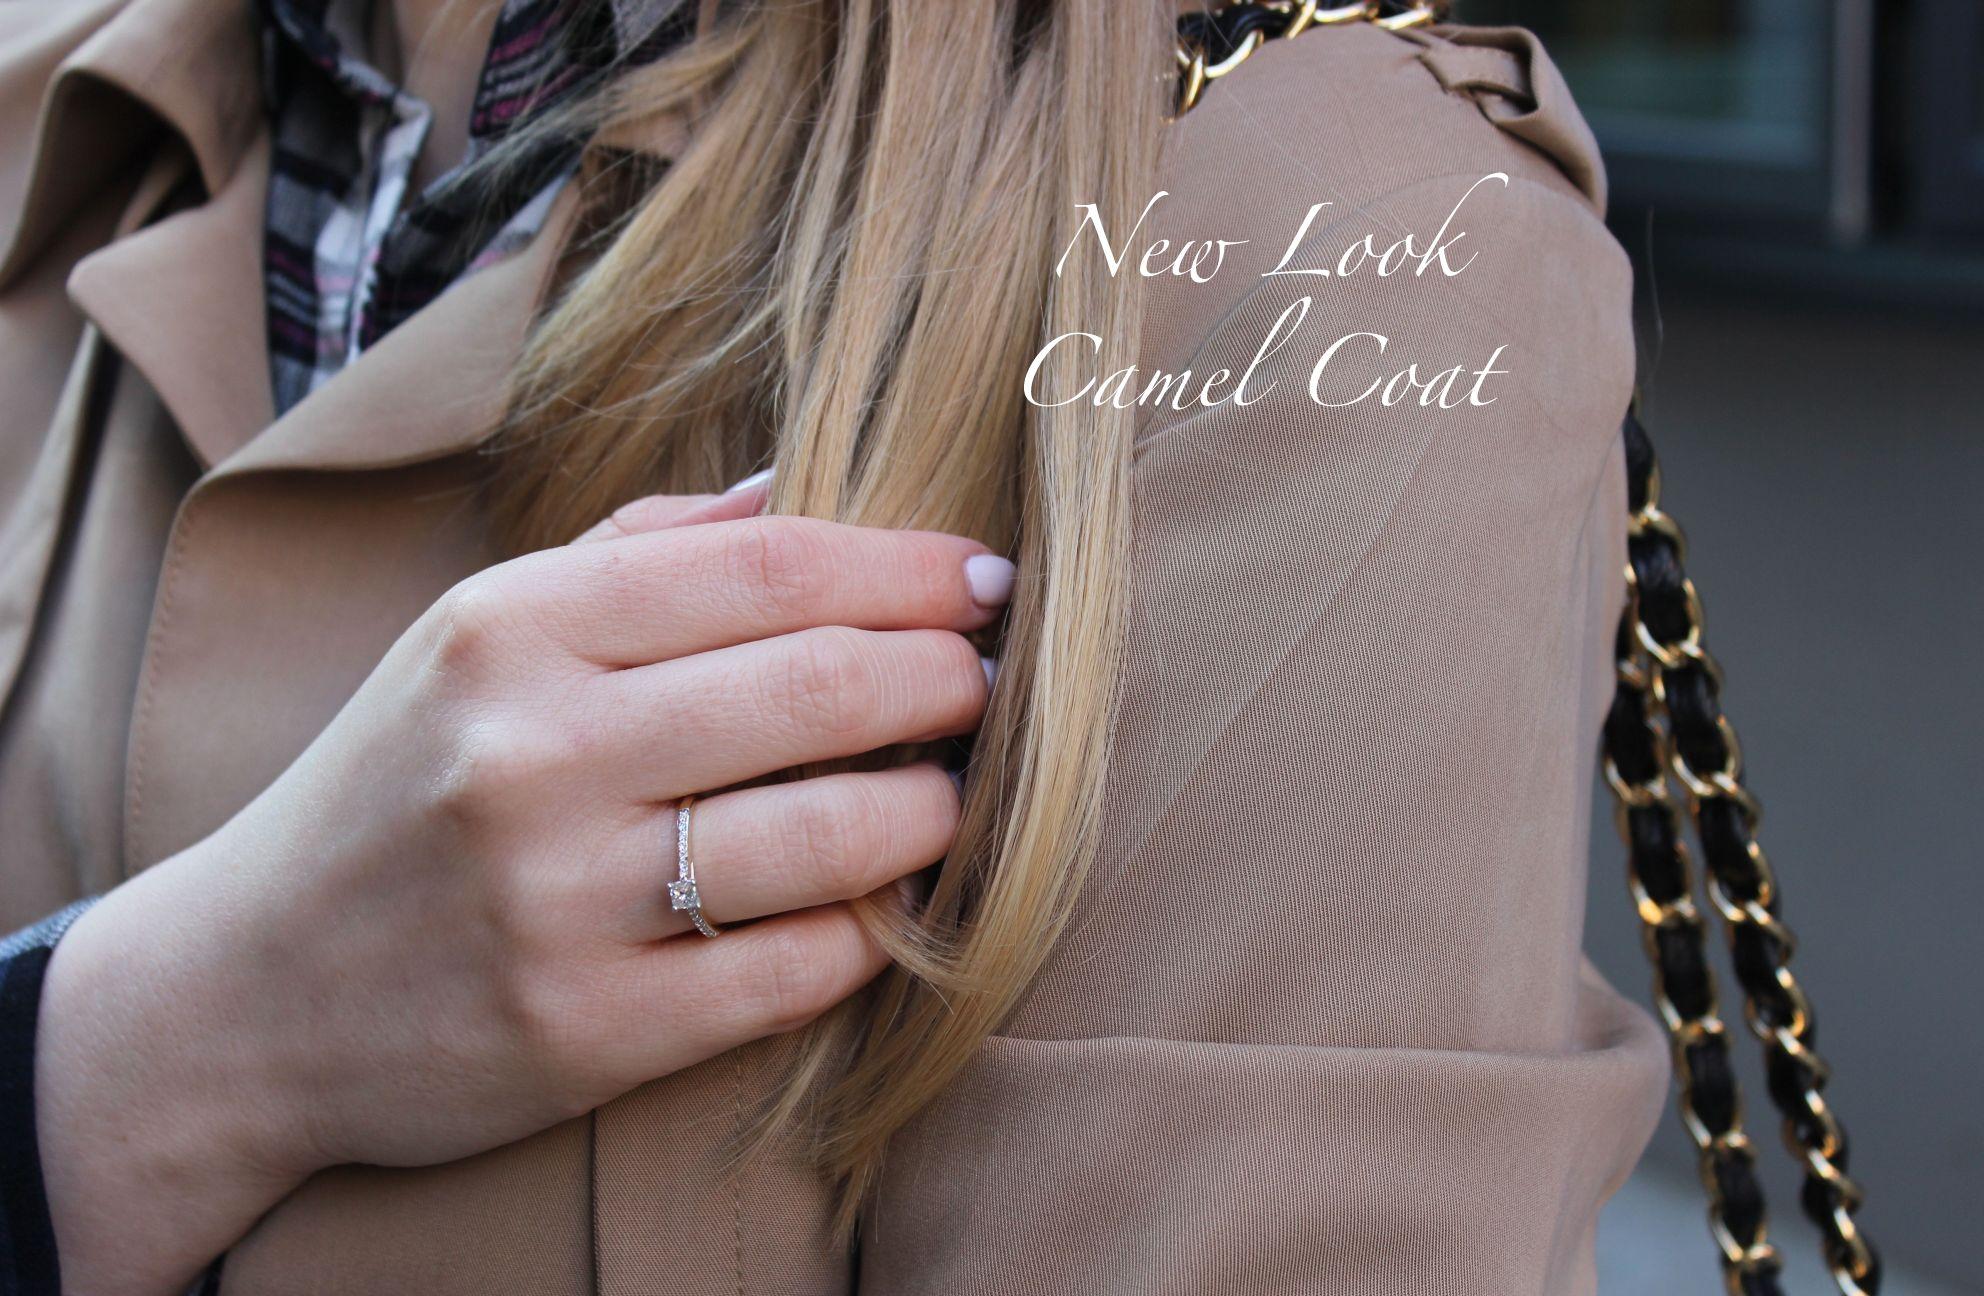 TOP 16 - New Look Camel Coat 2